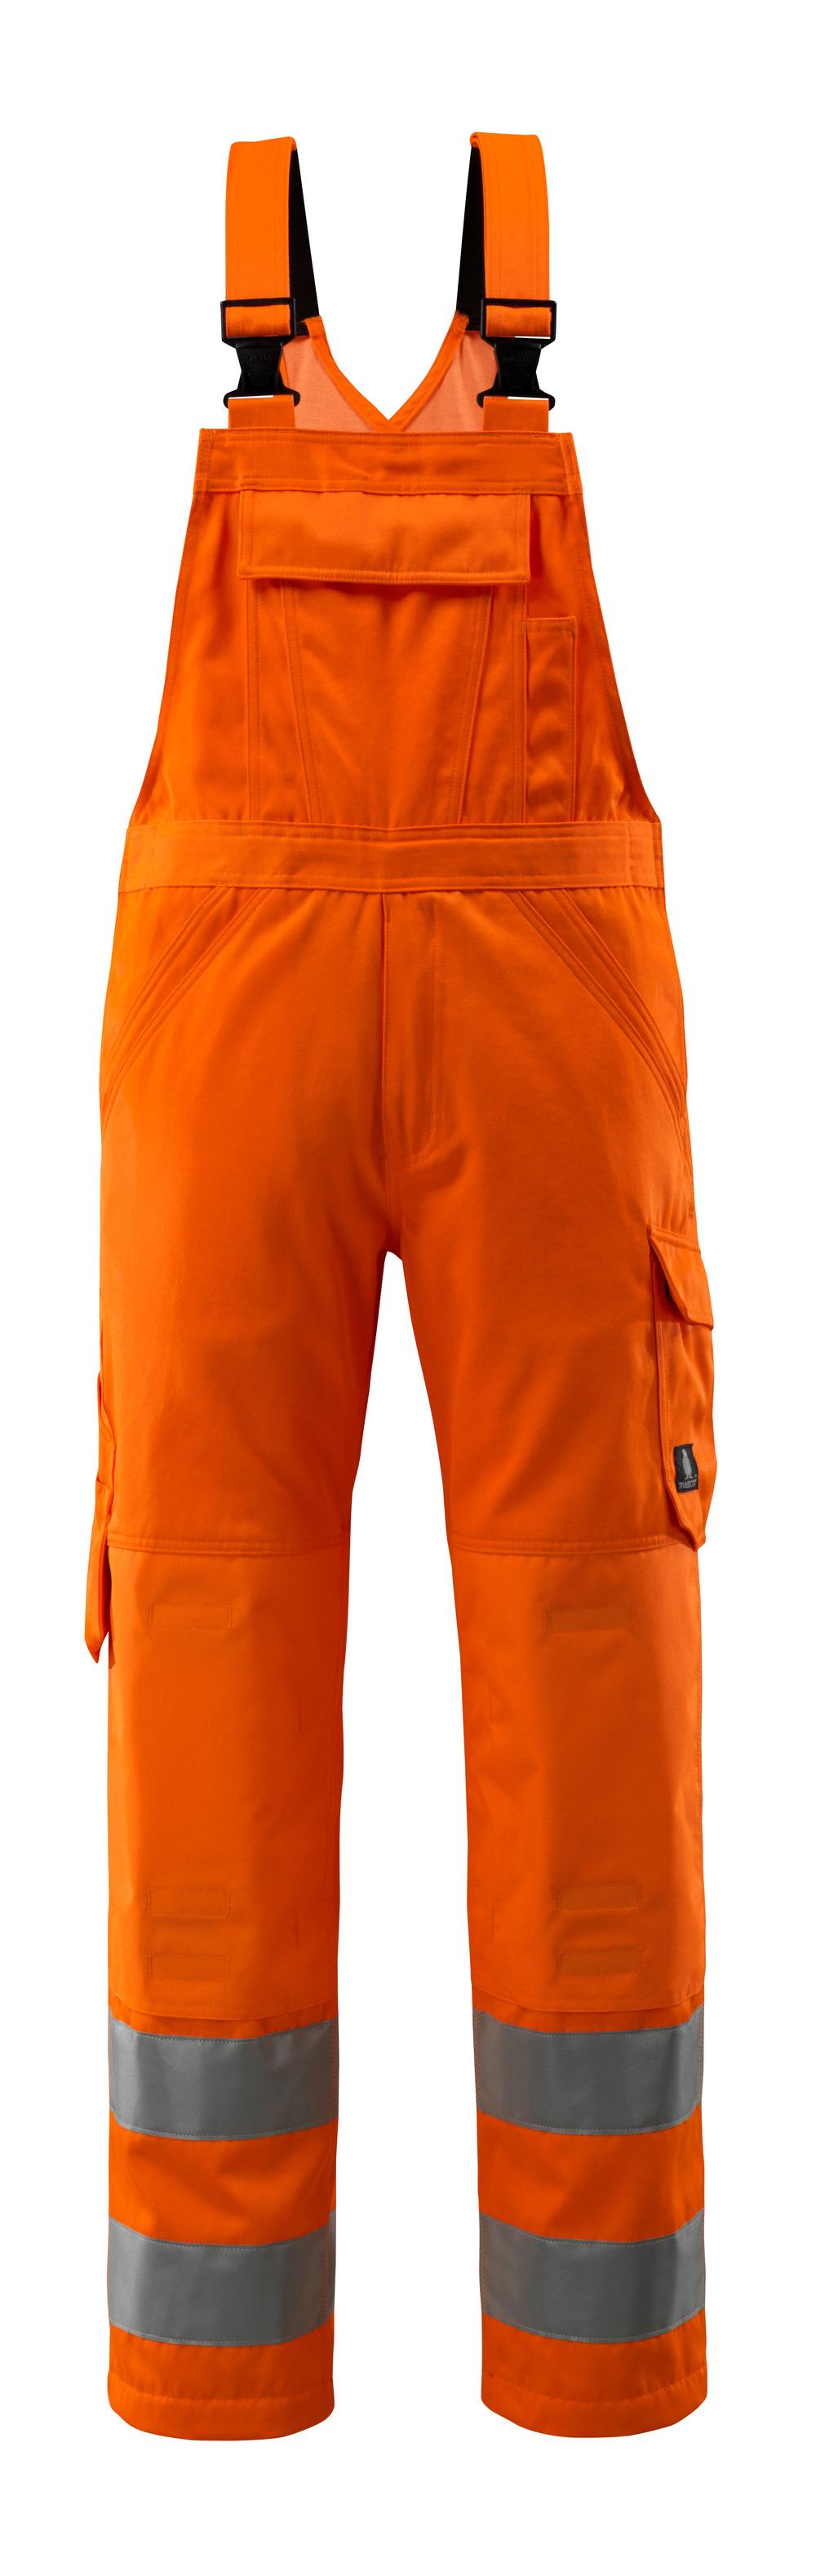 16869-860-14 Amerikaanse overall met kniezakken - hi-vis oranje